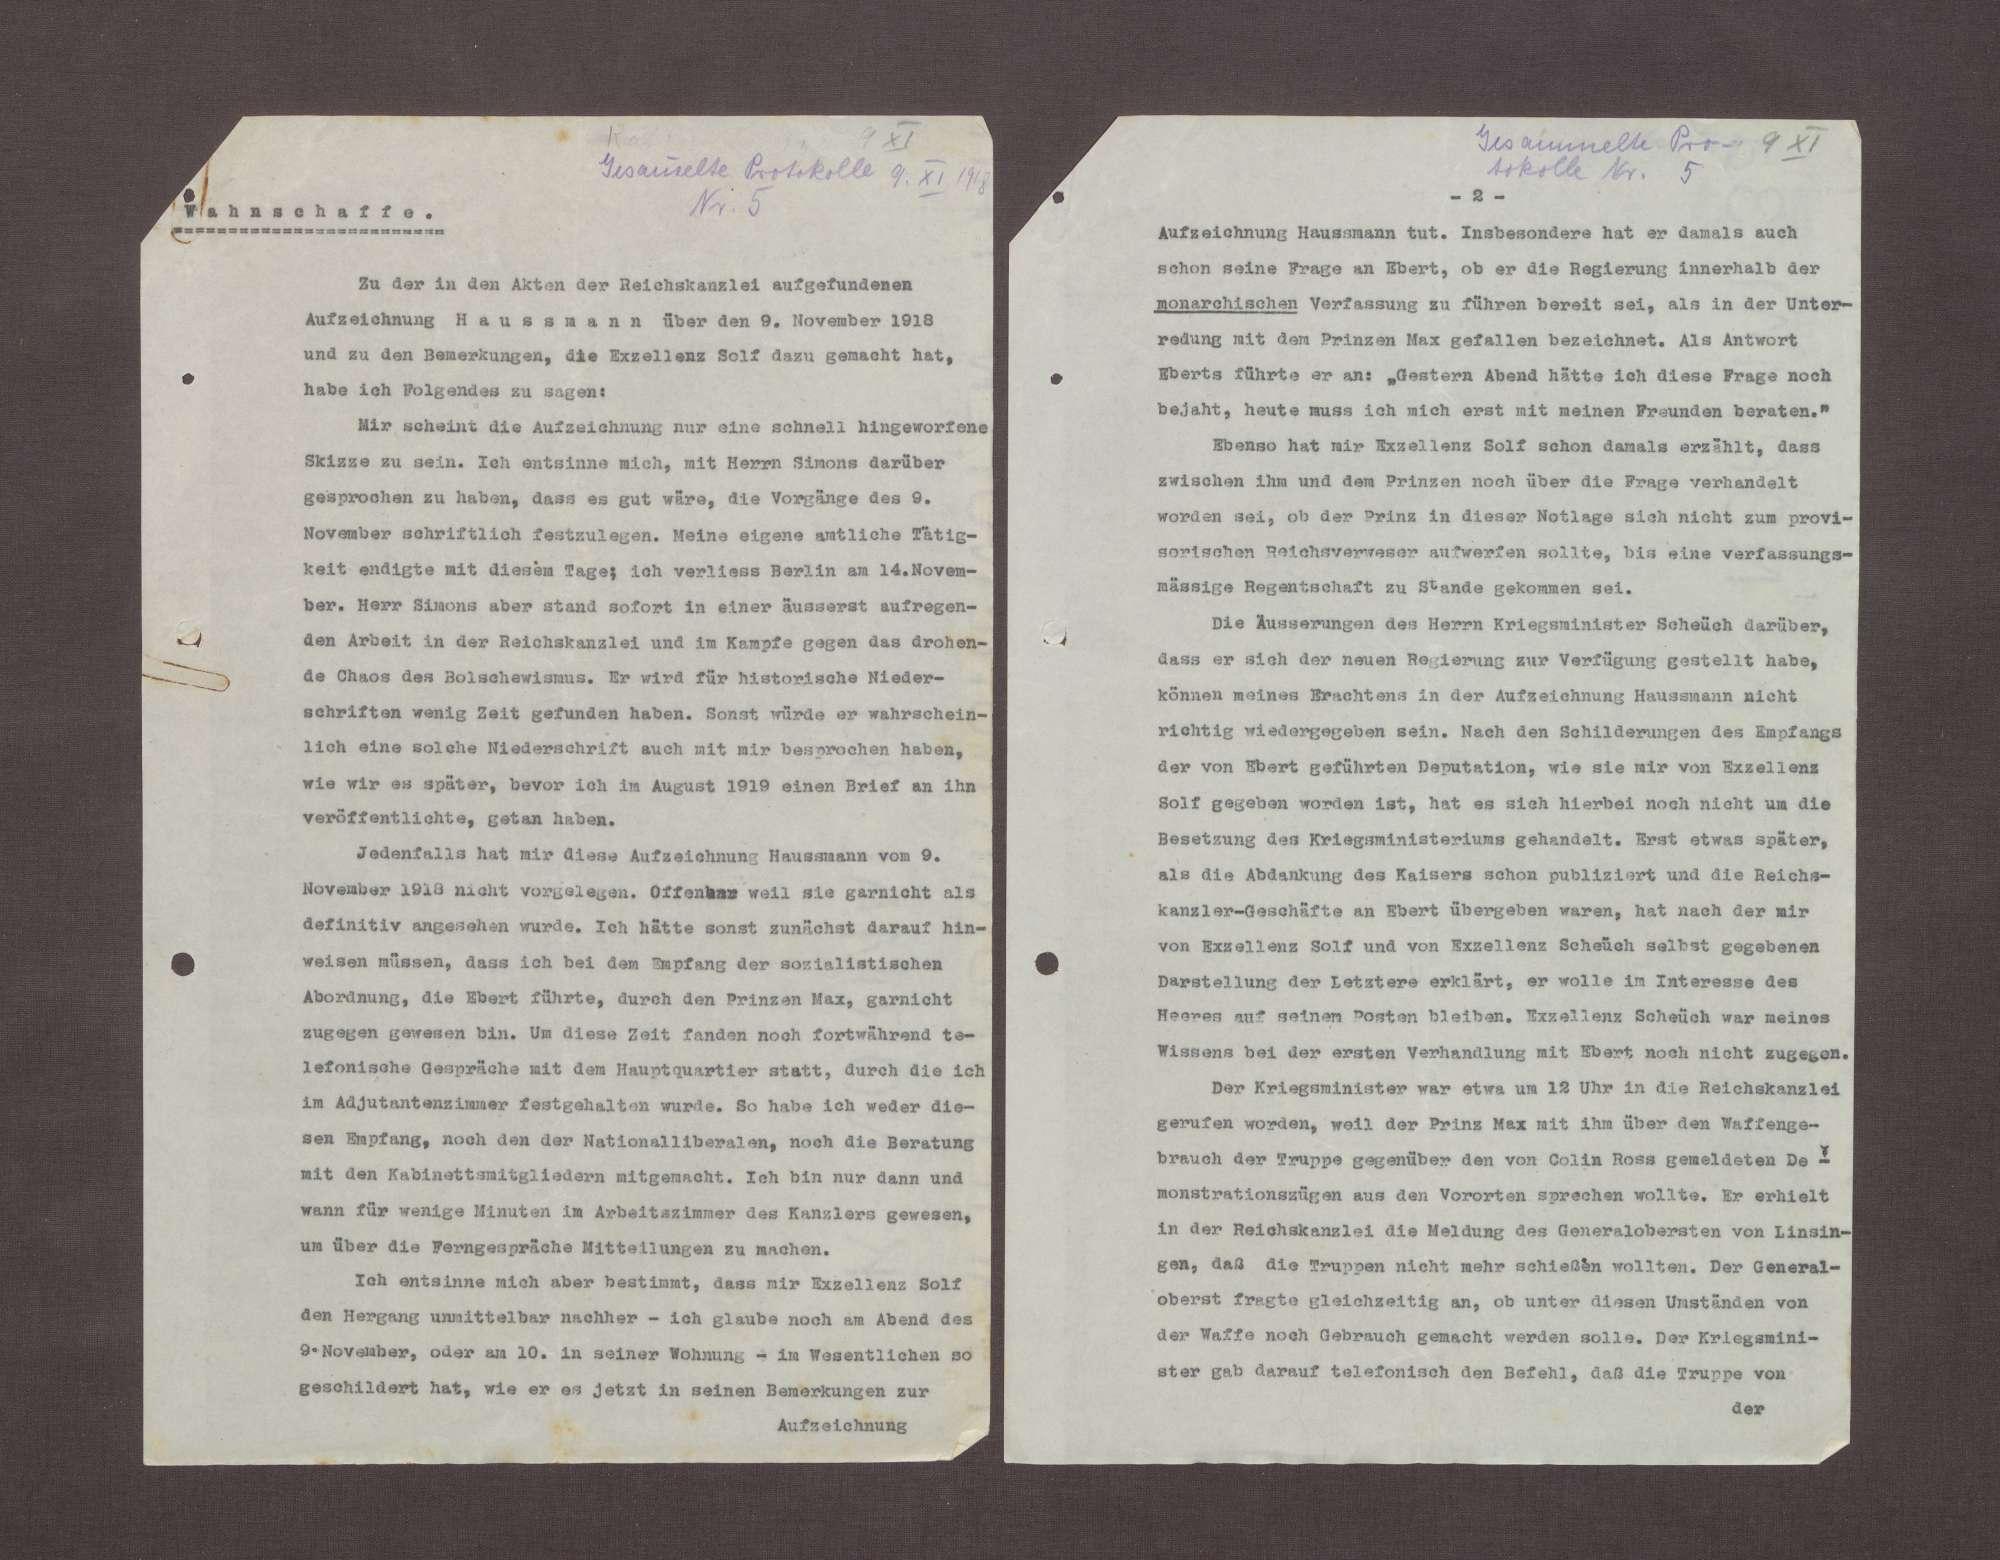 Schreiben von Arnold Wahnschaffe an Prinz Max von Baden bzgl. der Übergabe der Aufzeichnungen Haußmanns über die Ereignisse am 09.11.1918, Bild 1